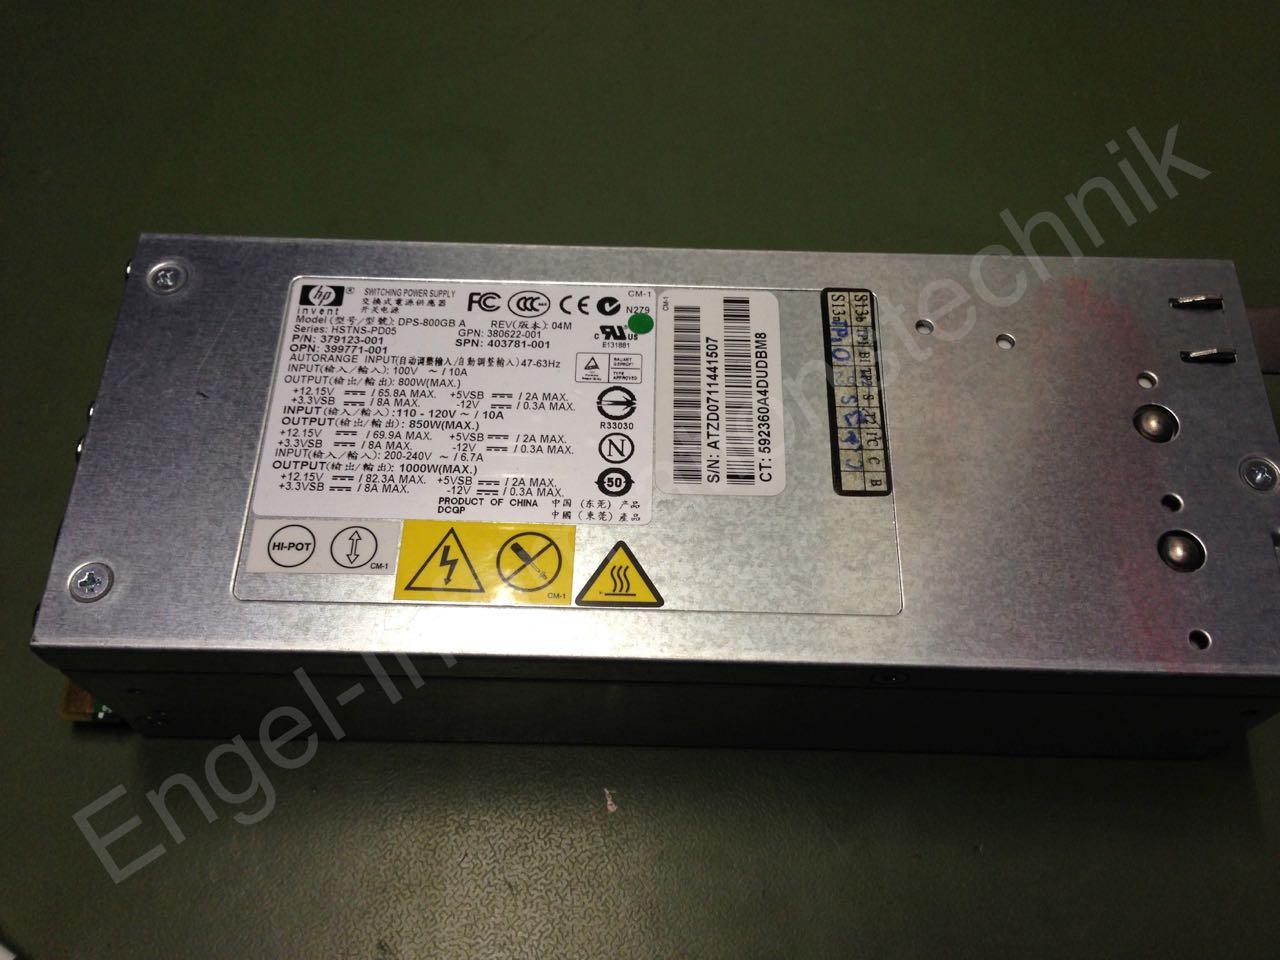 HP DPS-800GB a